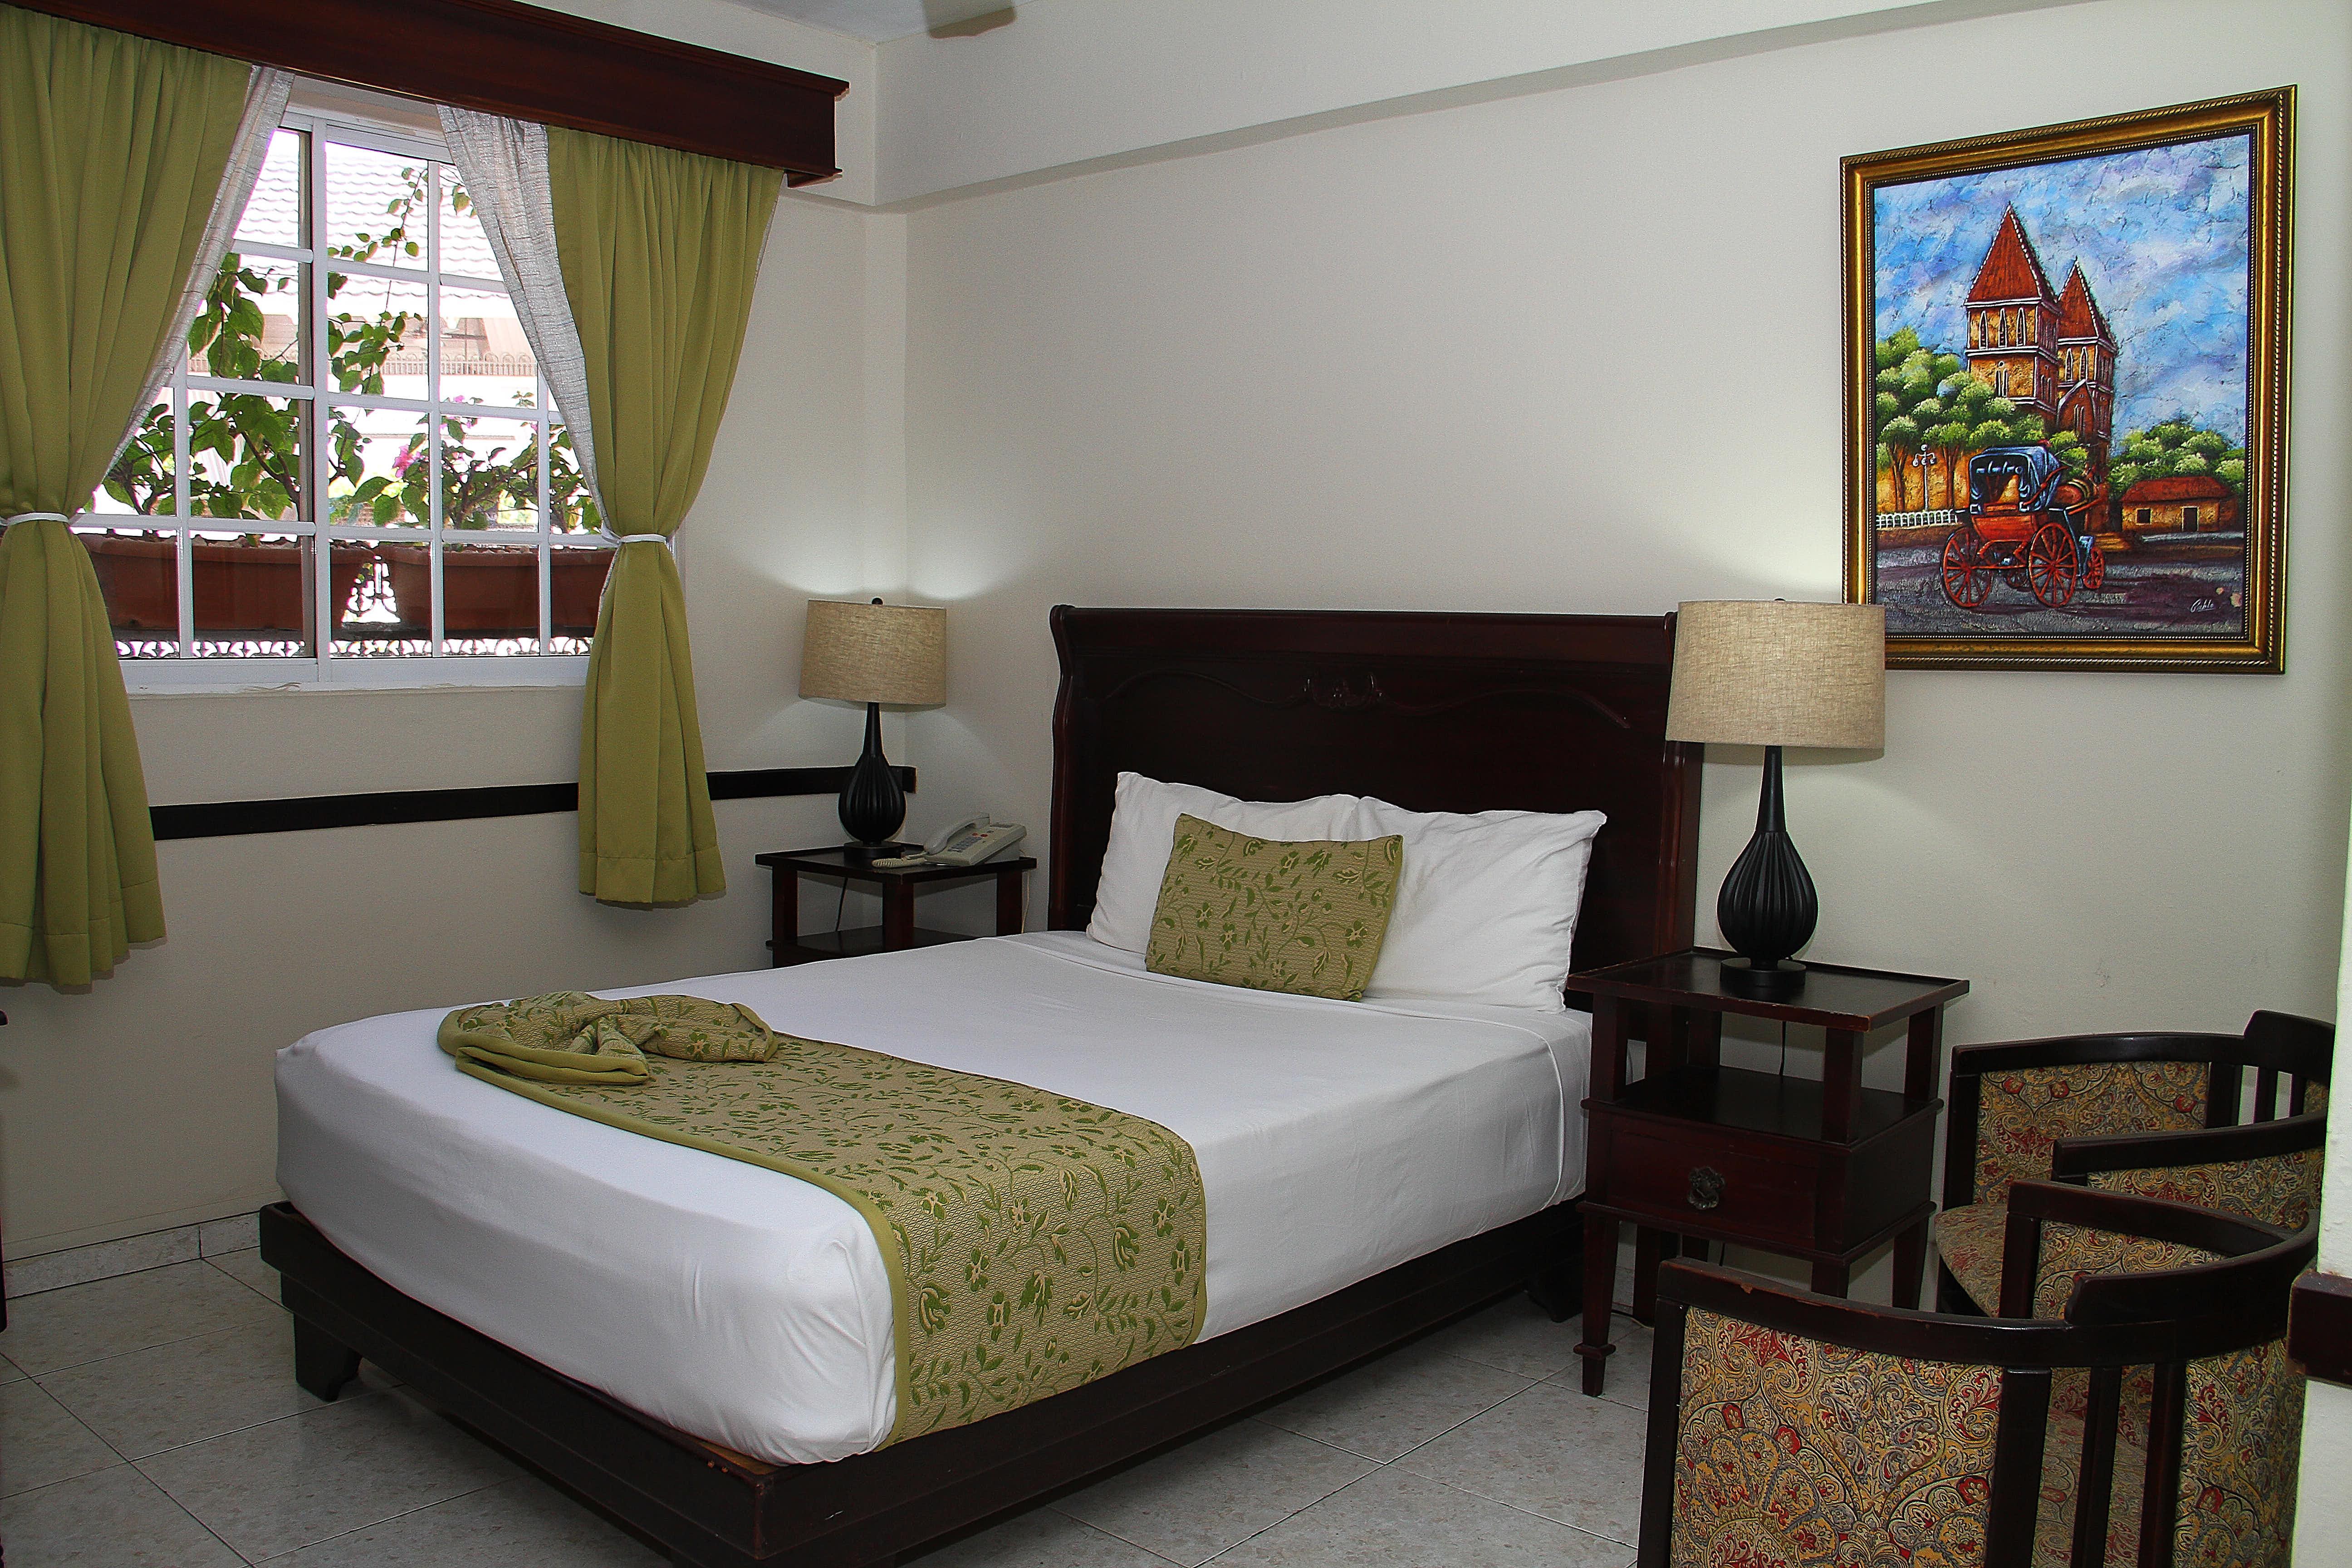 Executive Room, hotel in Santiago Dominican Republic.